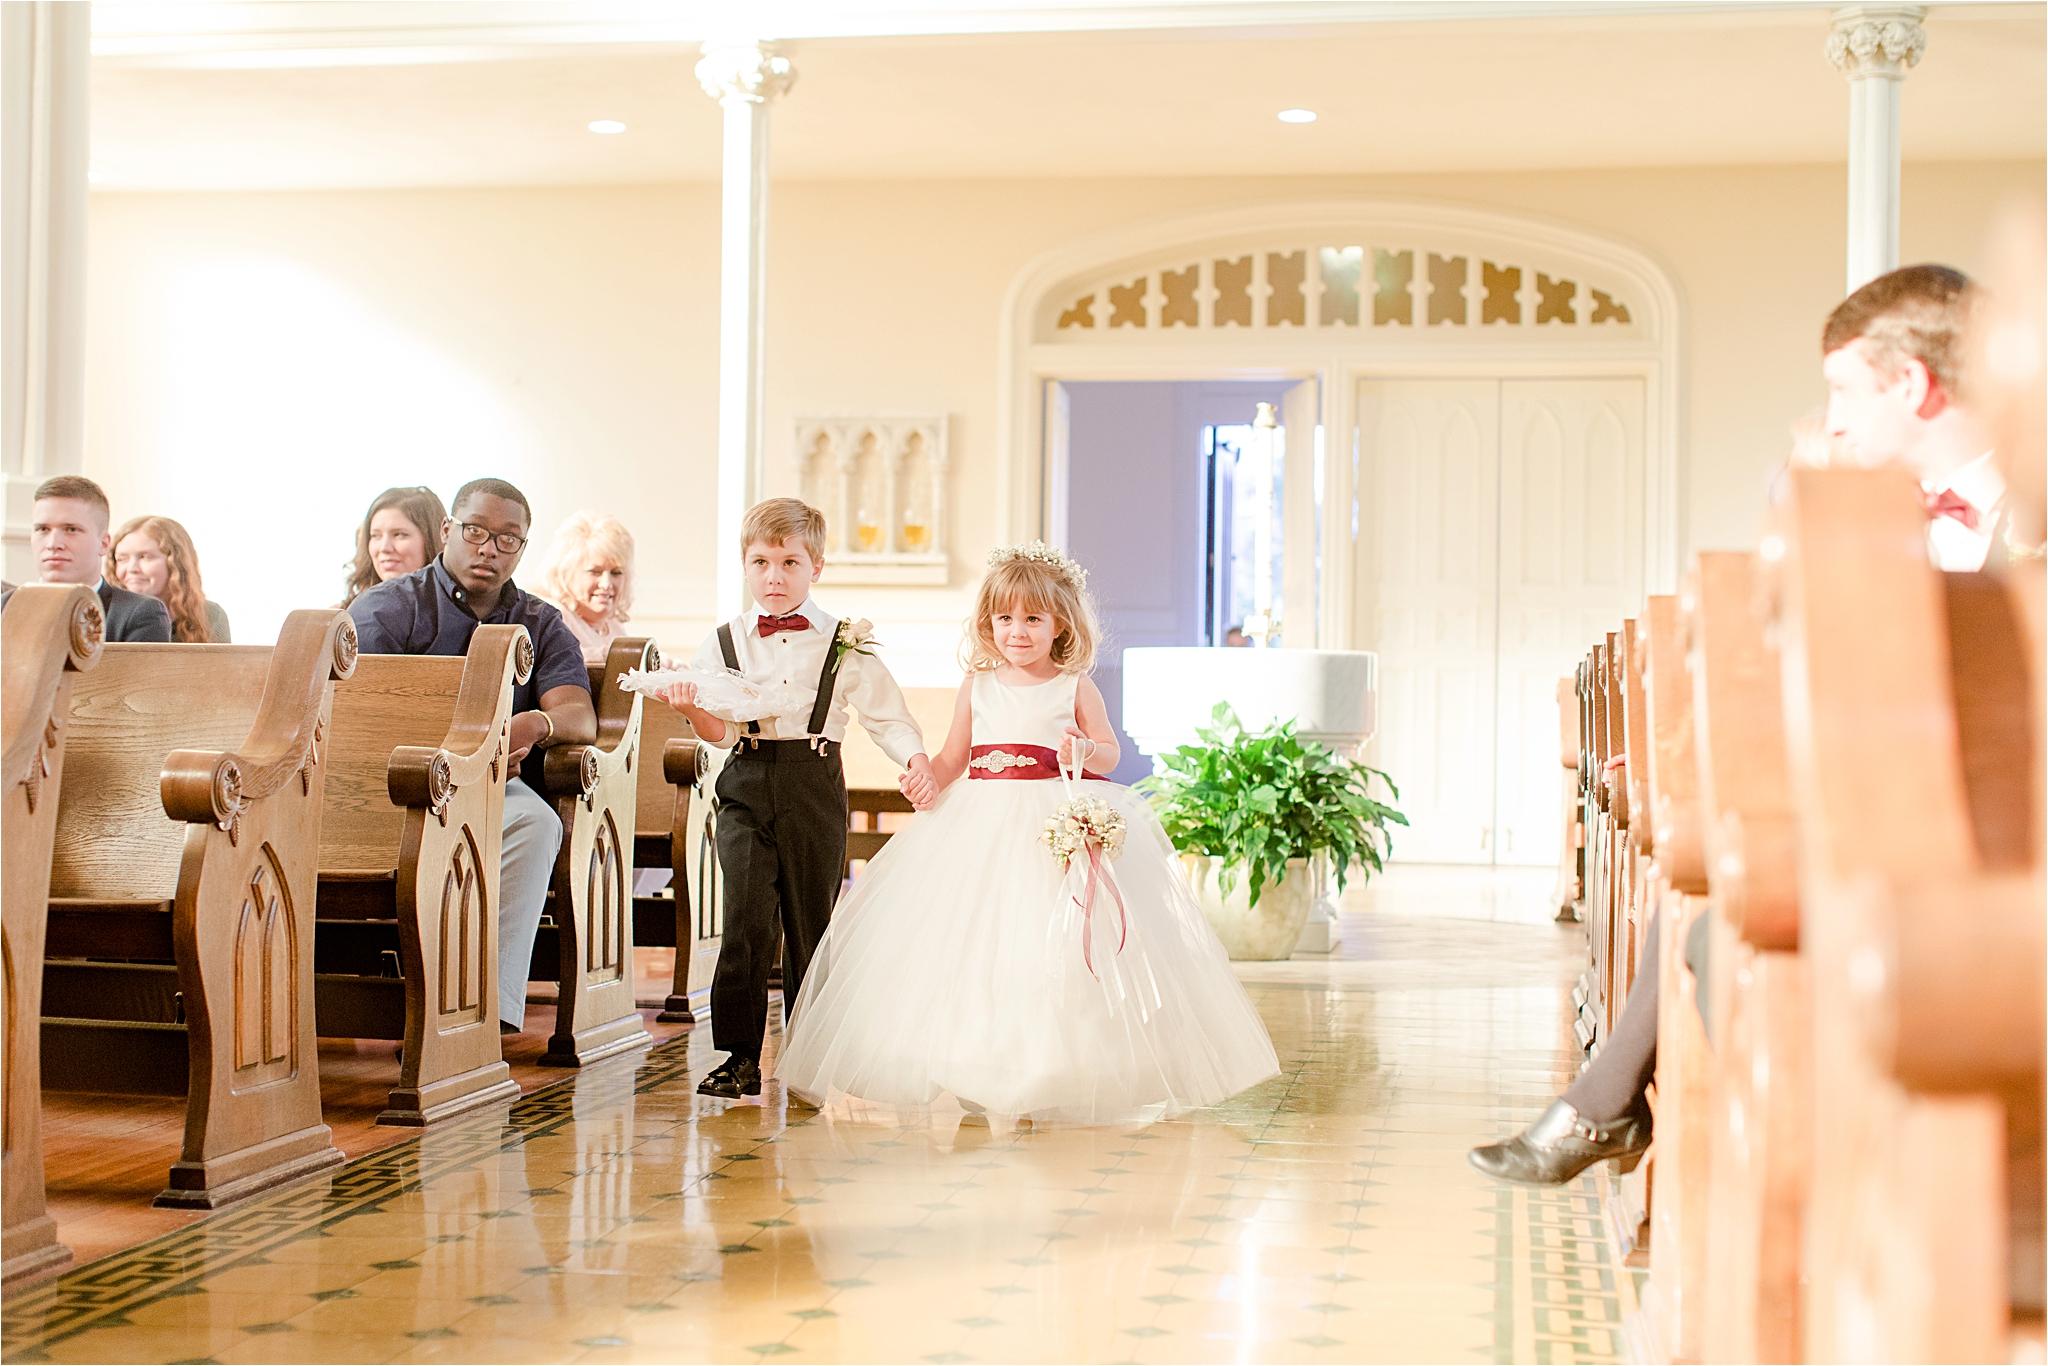 flower-girl-ring-bearer-holding-hands-walking-down-aisle-cranberry-wedding-colors-full-skirt